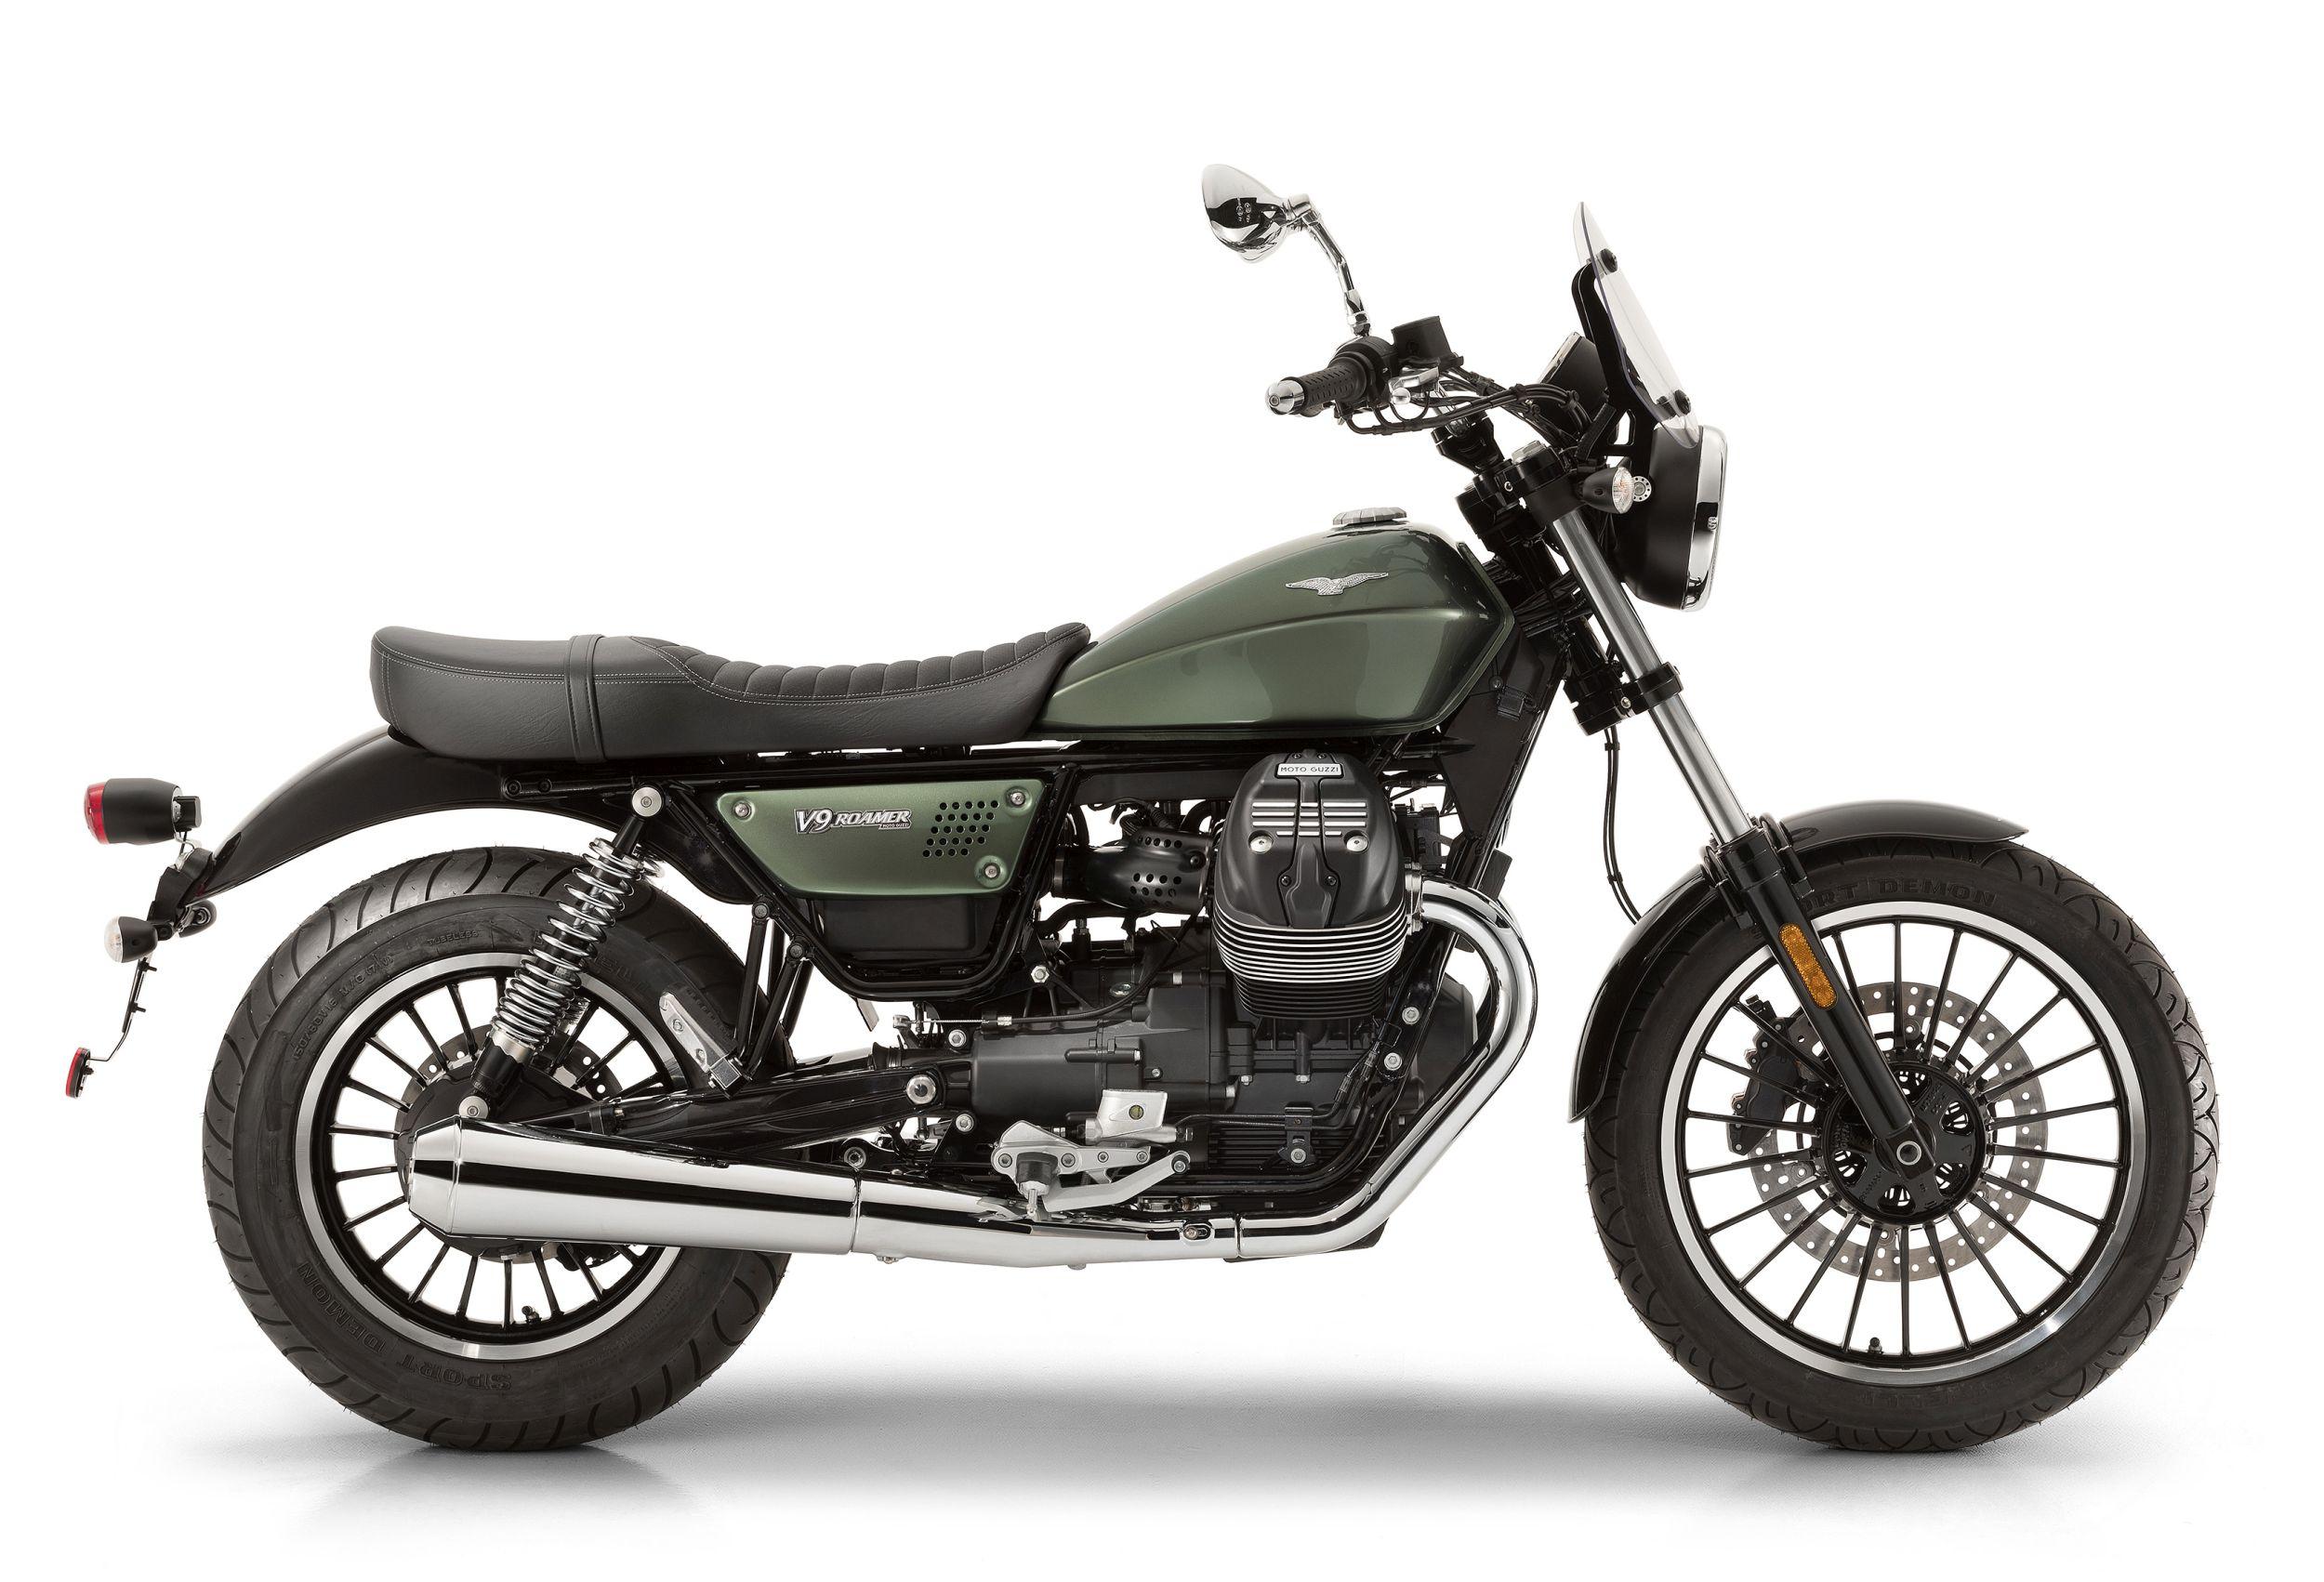 motorrad occasion moto guzzi v9 roamer kaufen. Black Bedroom Furniture Sets. Home Design Ideas